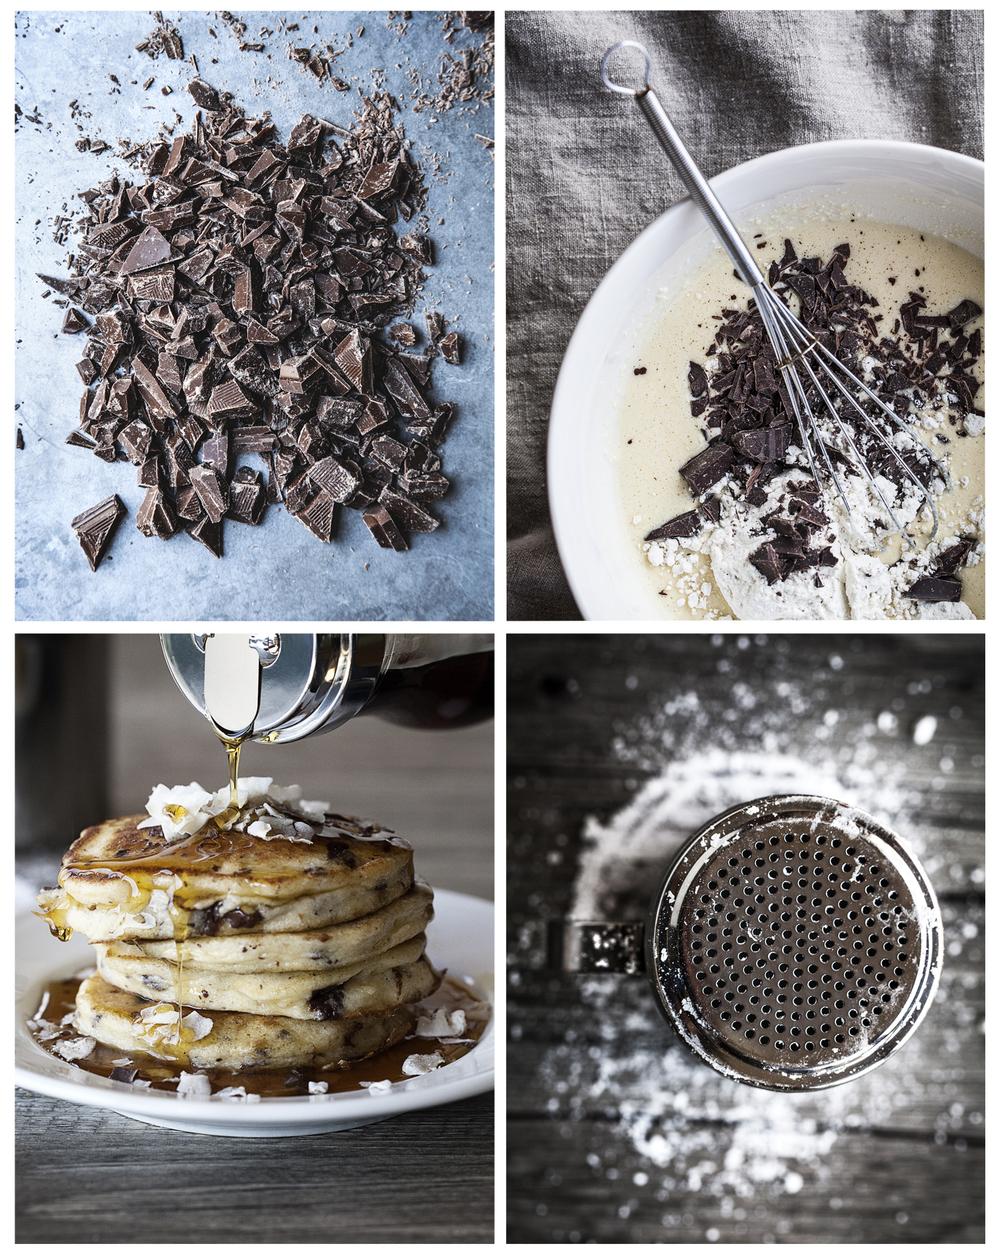 Pancake_Storyv2_1500.jpg